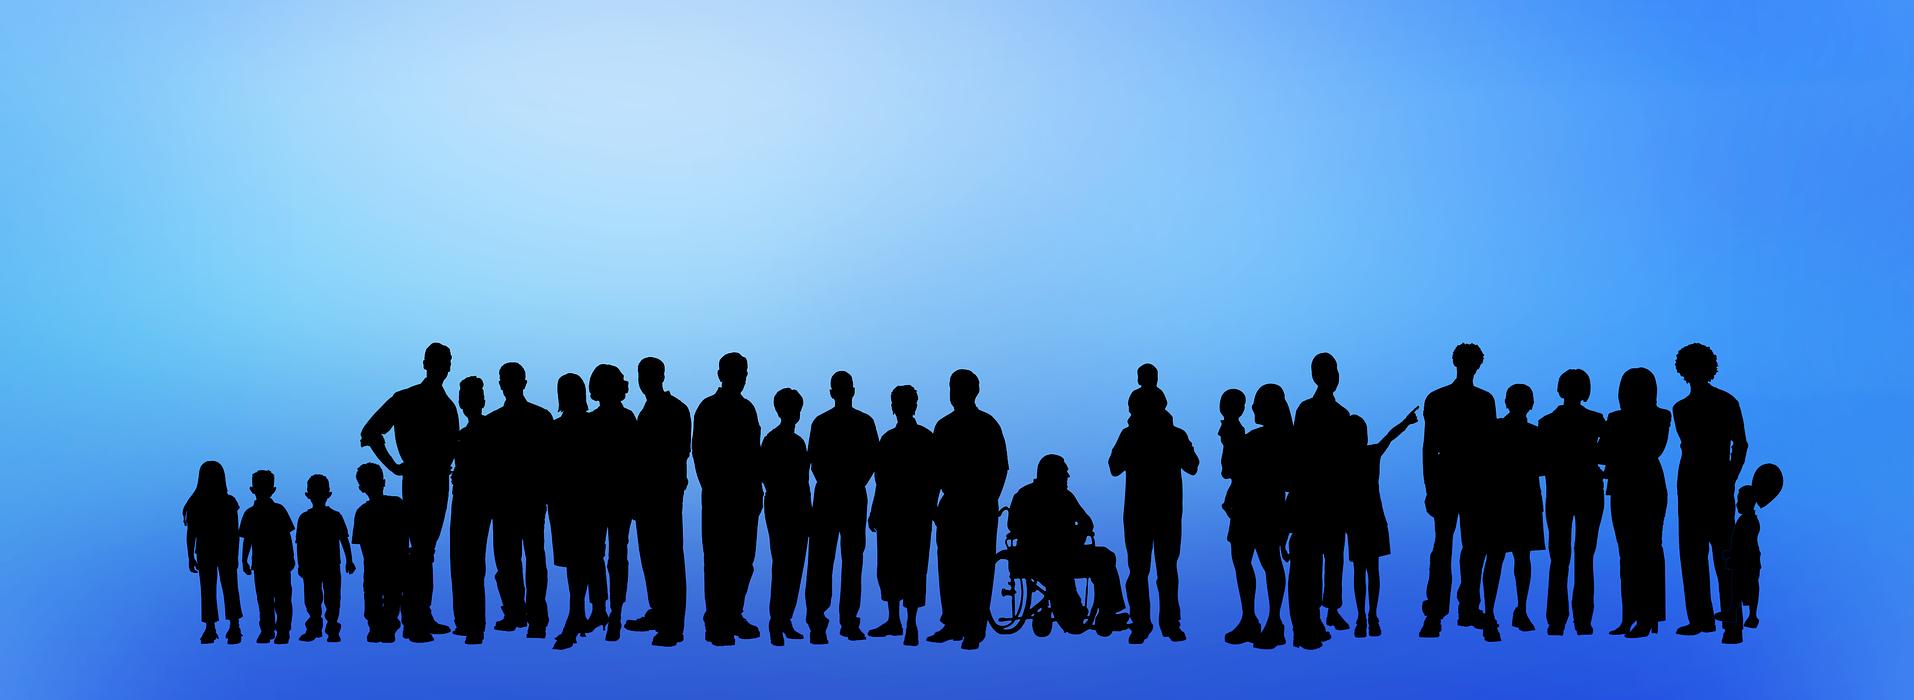 Personengruppe mit Behinderten mit Rollstuhl in der Mitte - Symboldbild Inklusion Inklusion_Symbol.png